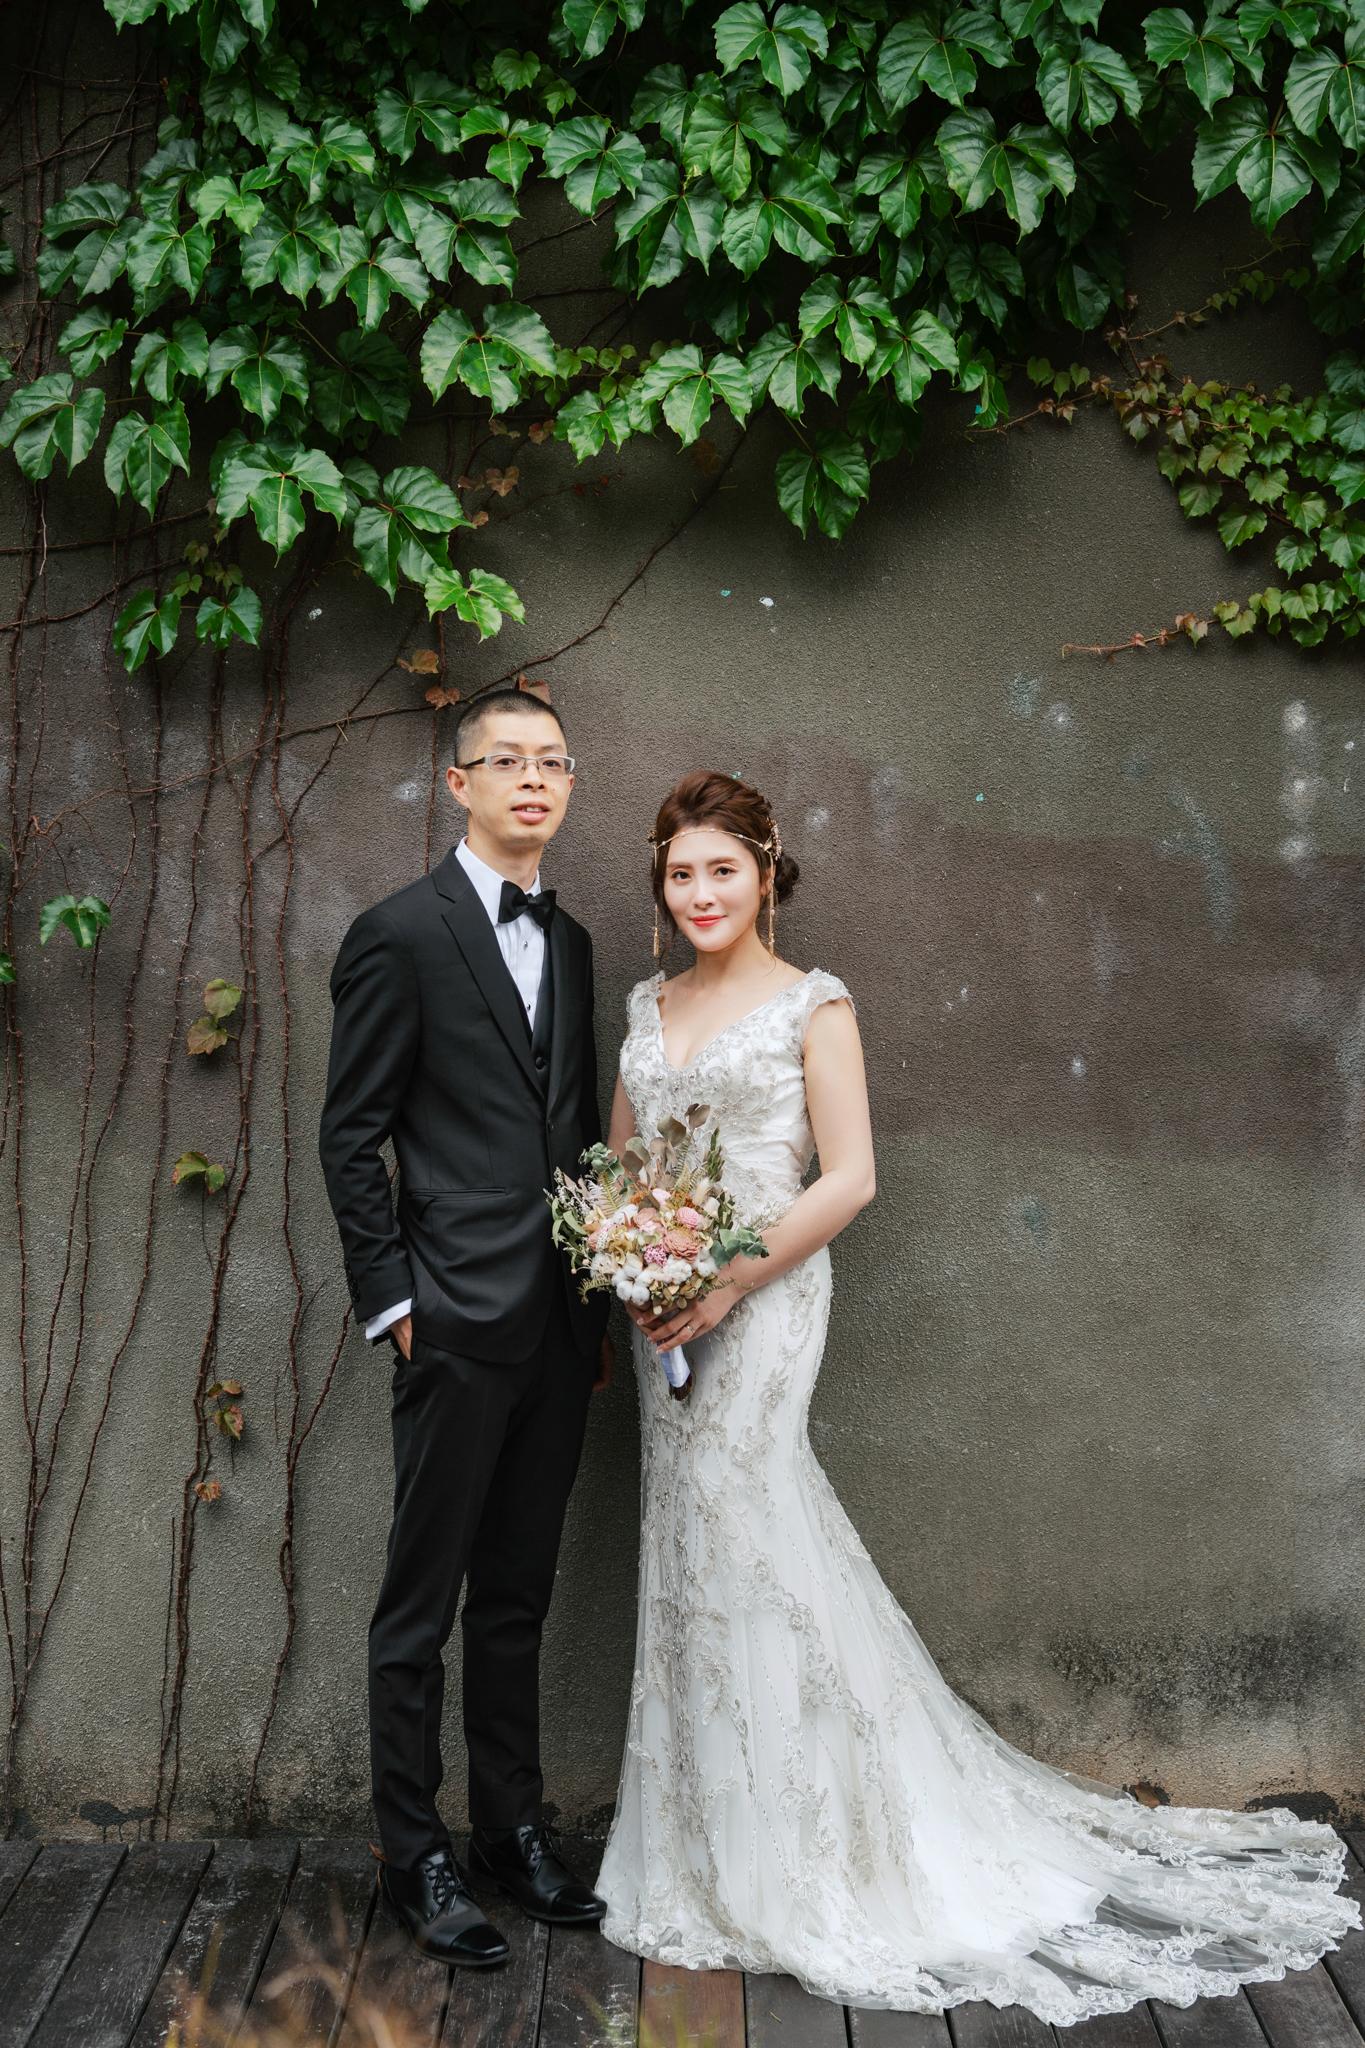 花蓮婚紗, 自主婚紗, 自助婚紗, 藝術婚紗, Donfer, EW